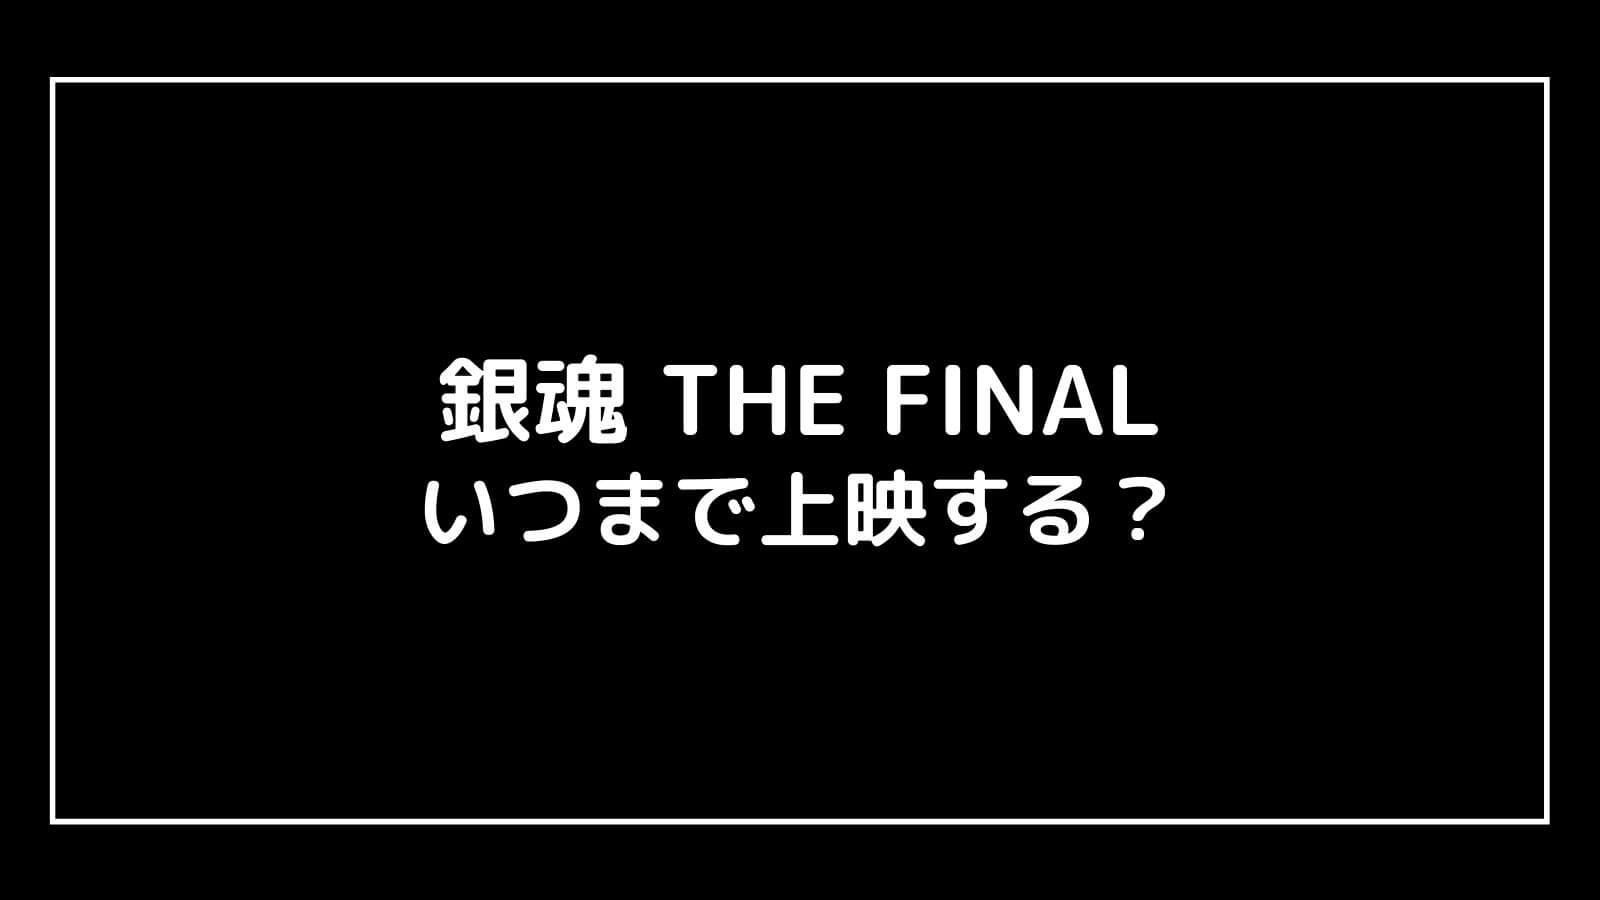 アニメ映画『銀魂 THE FINAL』はいつまで上映する?元映画館社員が上映期間を予想